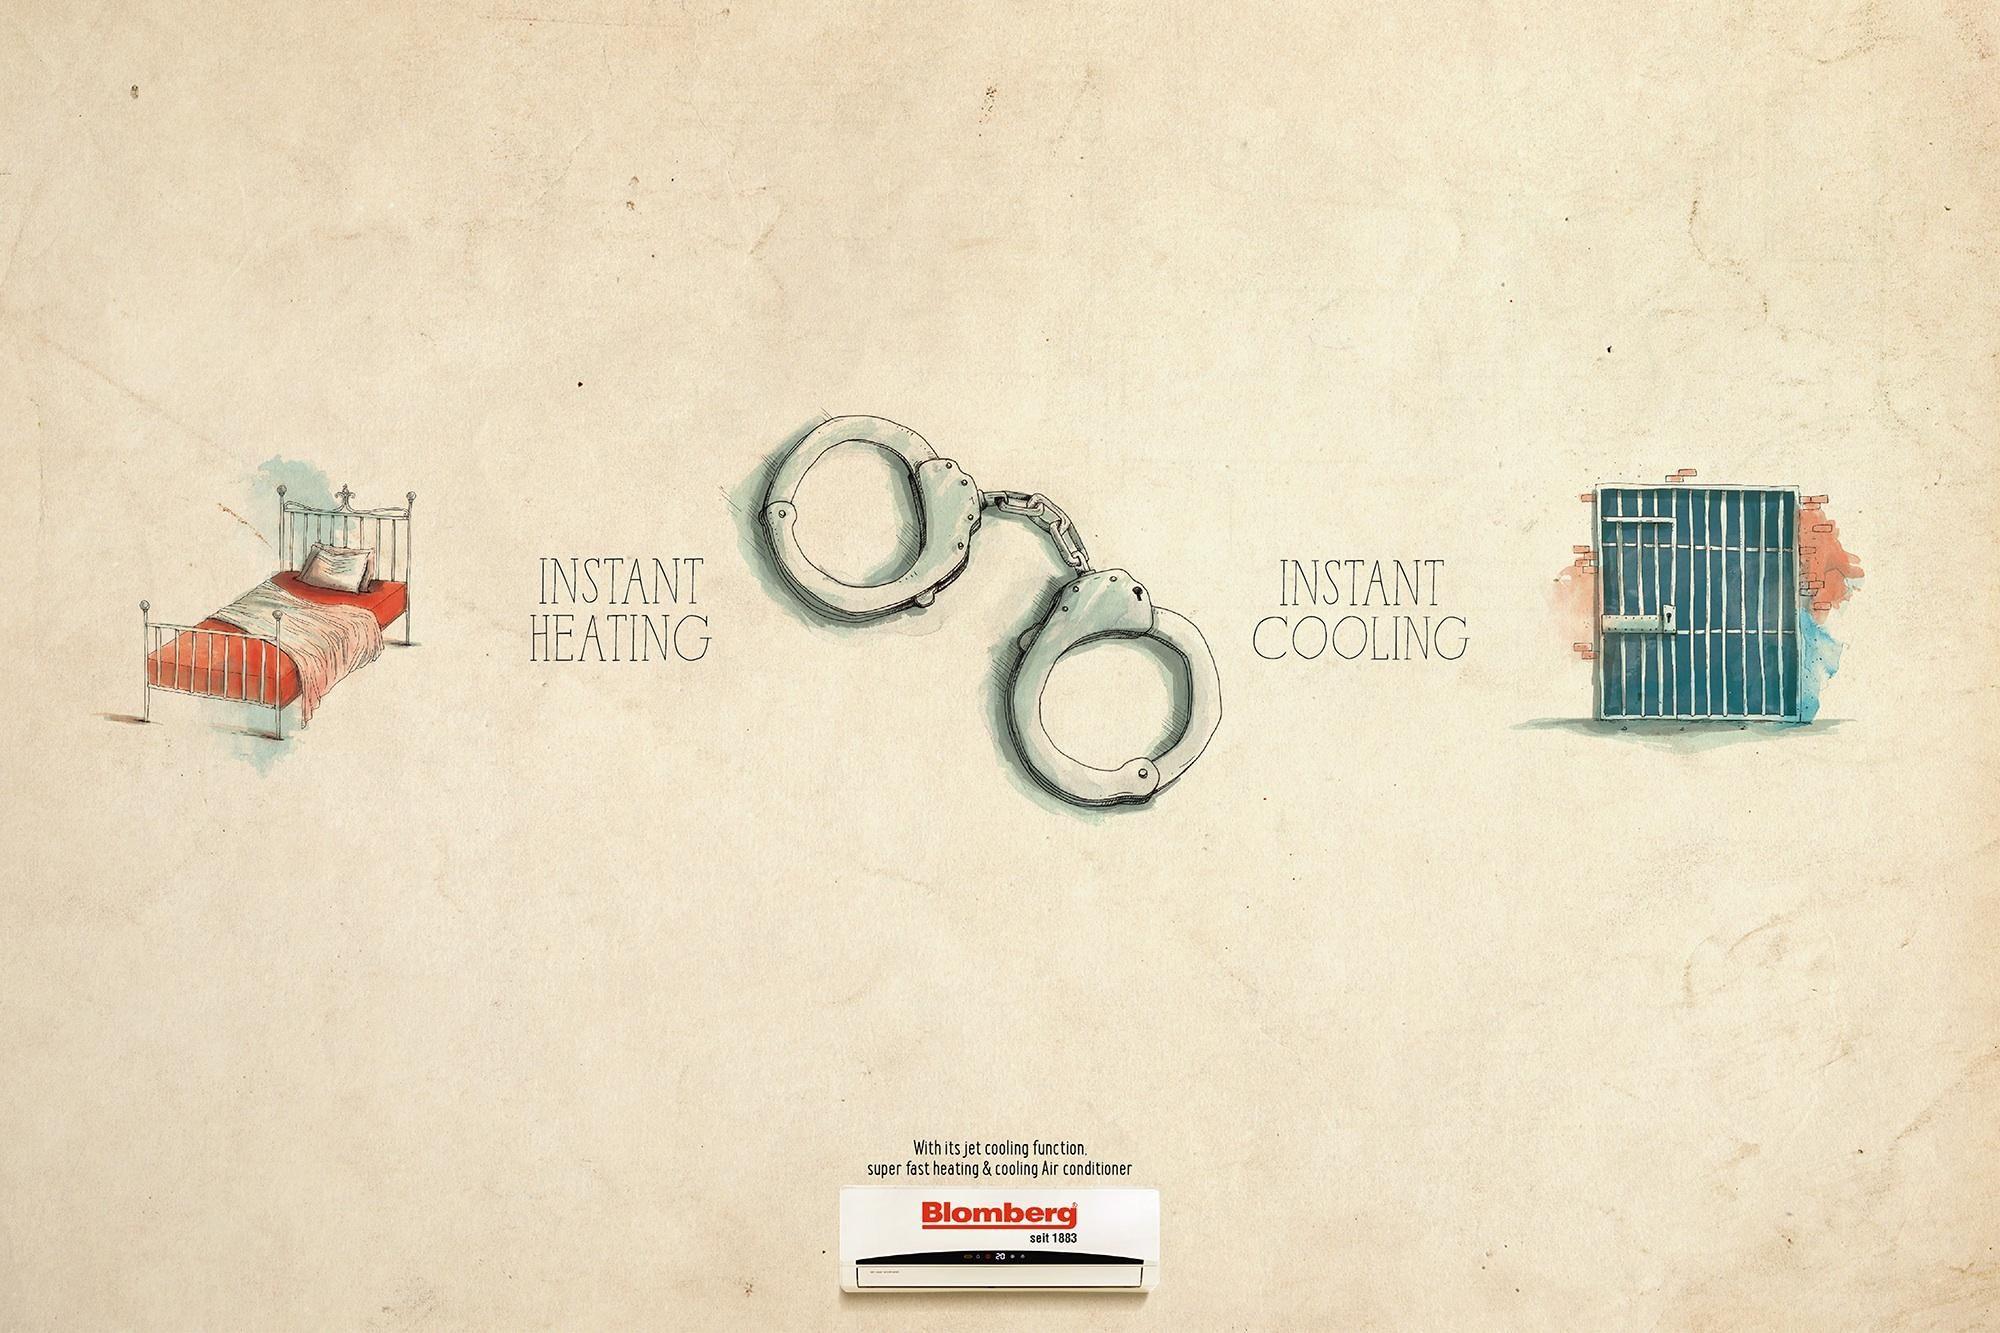 Blomberg Handcuffs Ads Of The World Como Fazer Um Anuncio Publicidade E Propaganda Dia A Dia Receitas